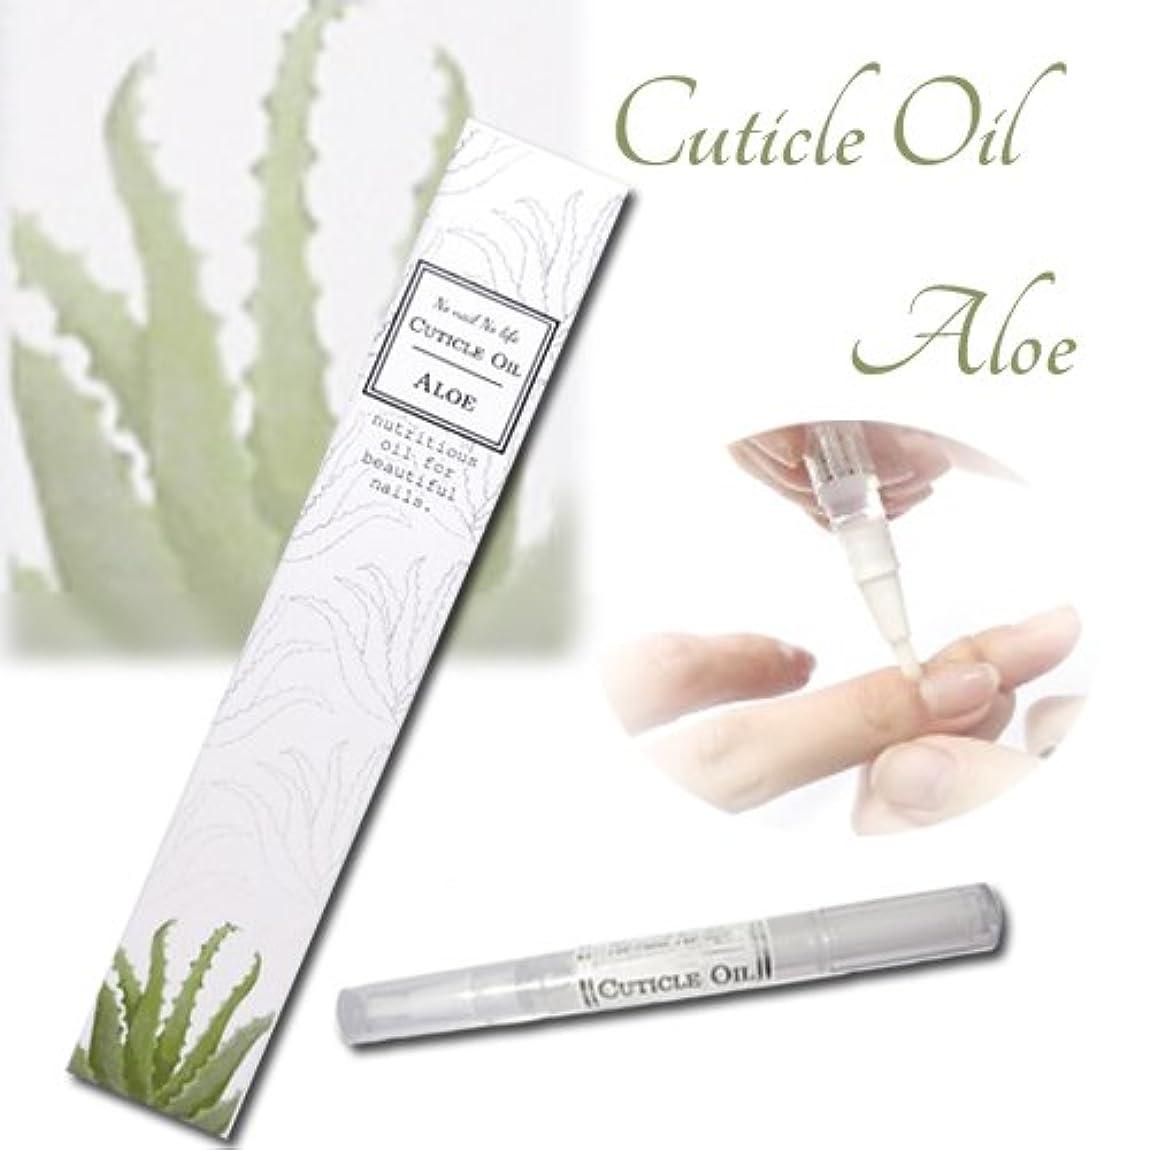 事前ハチメーカーネイルオイル ペンタイプ 改良型 アロエ の香り 1本